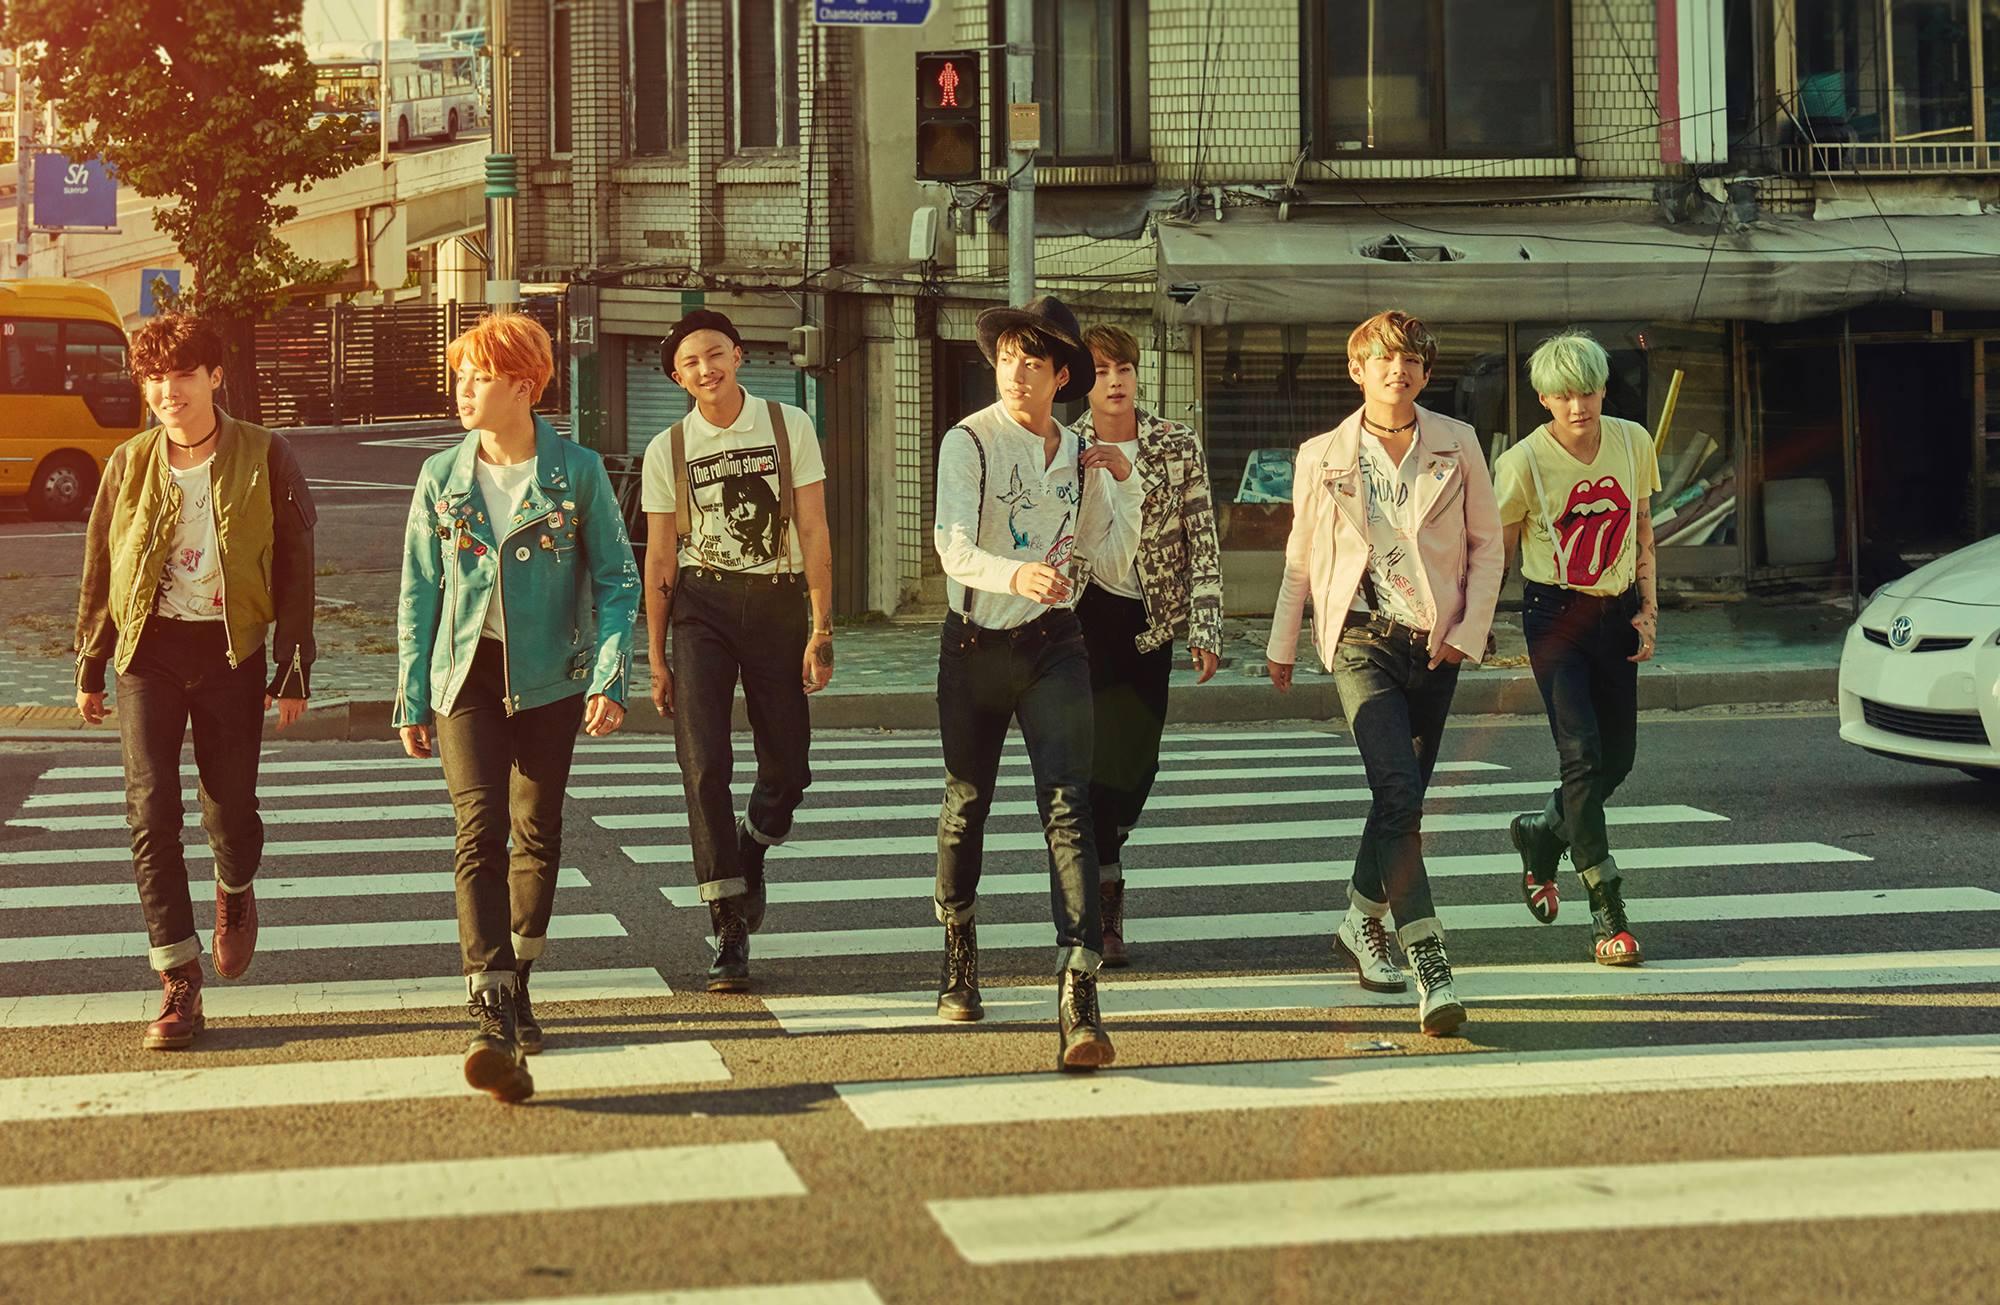 ♥第3名 〈Butterfly〉 歌曲旋律超好聽,也被韓國網友大讚歌詞真的很棒~~!